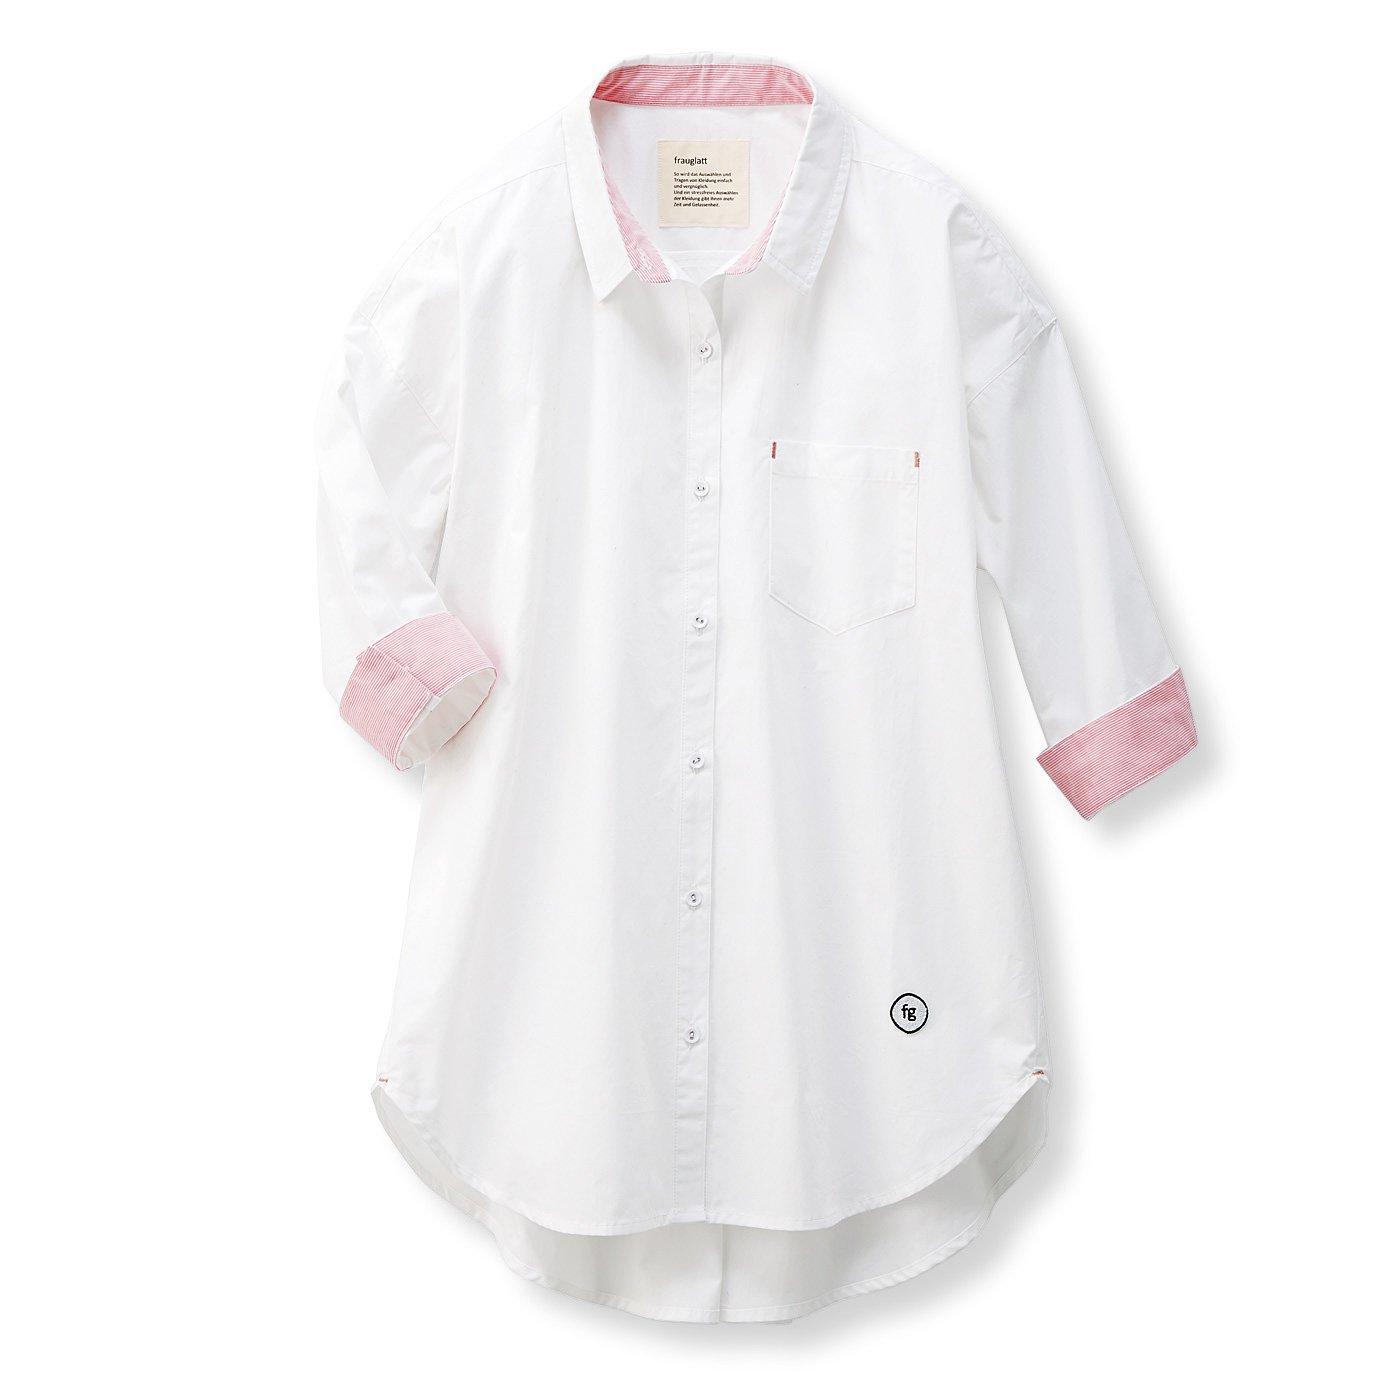 フラウグラット イージーケアで便利なホワイトシャツチュニック〈オフホワイト×赤ストライプ〉